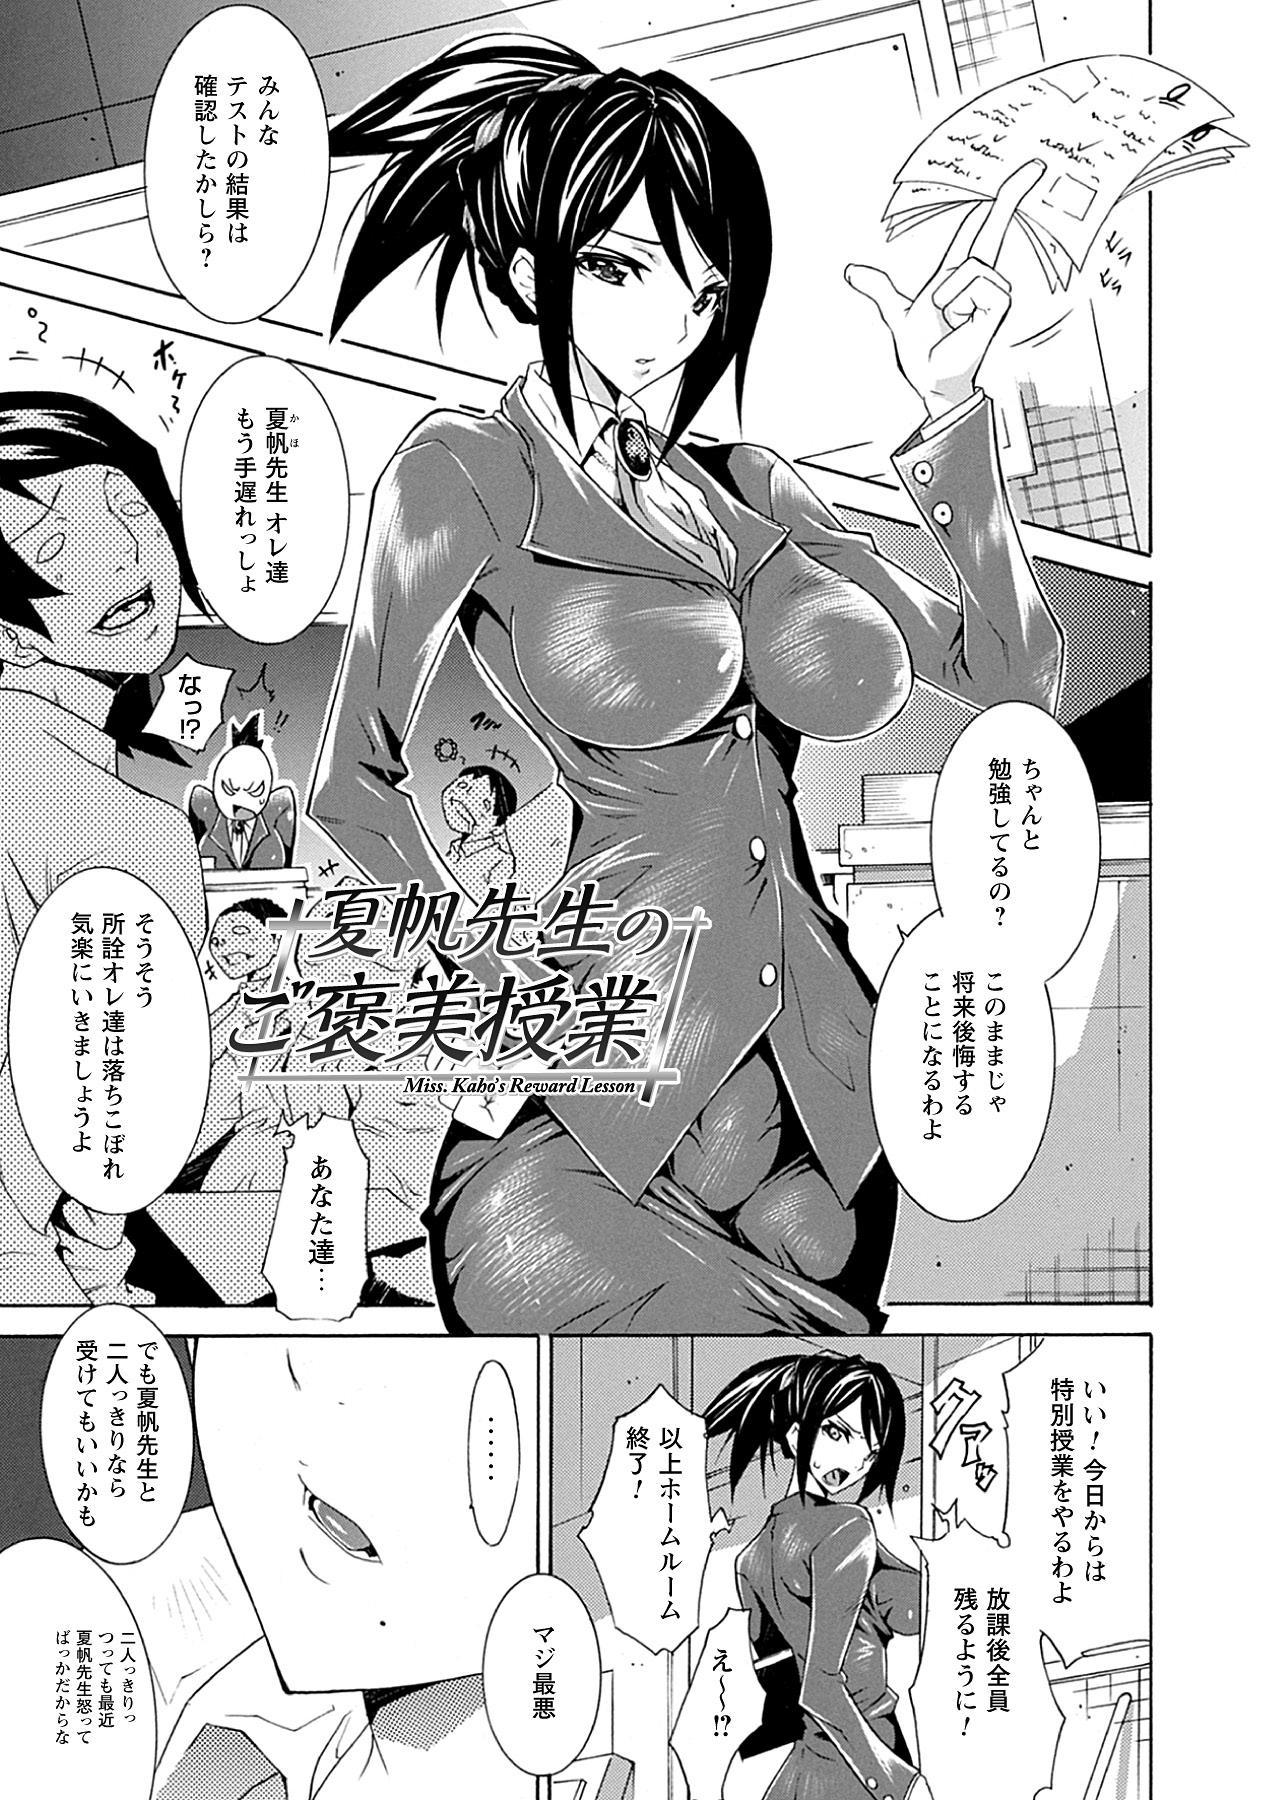 Seiin Shoujo 66